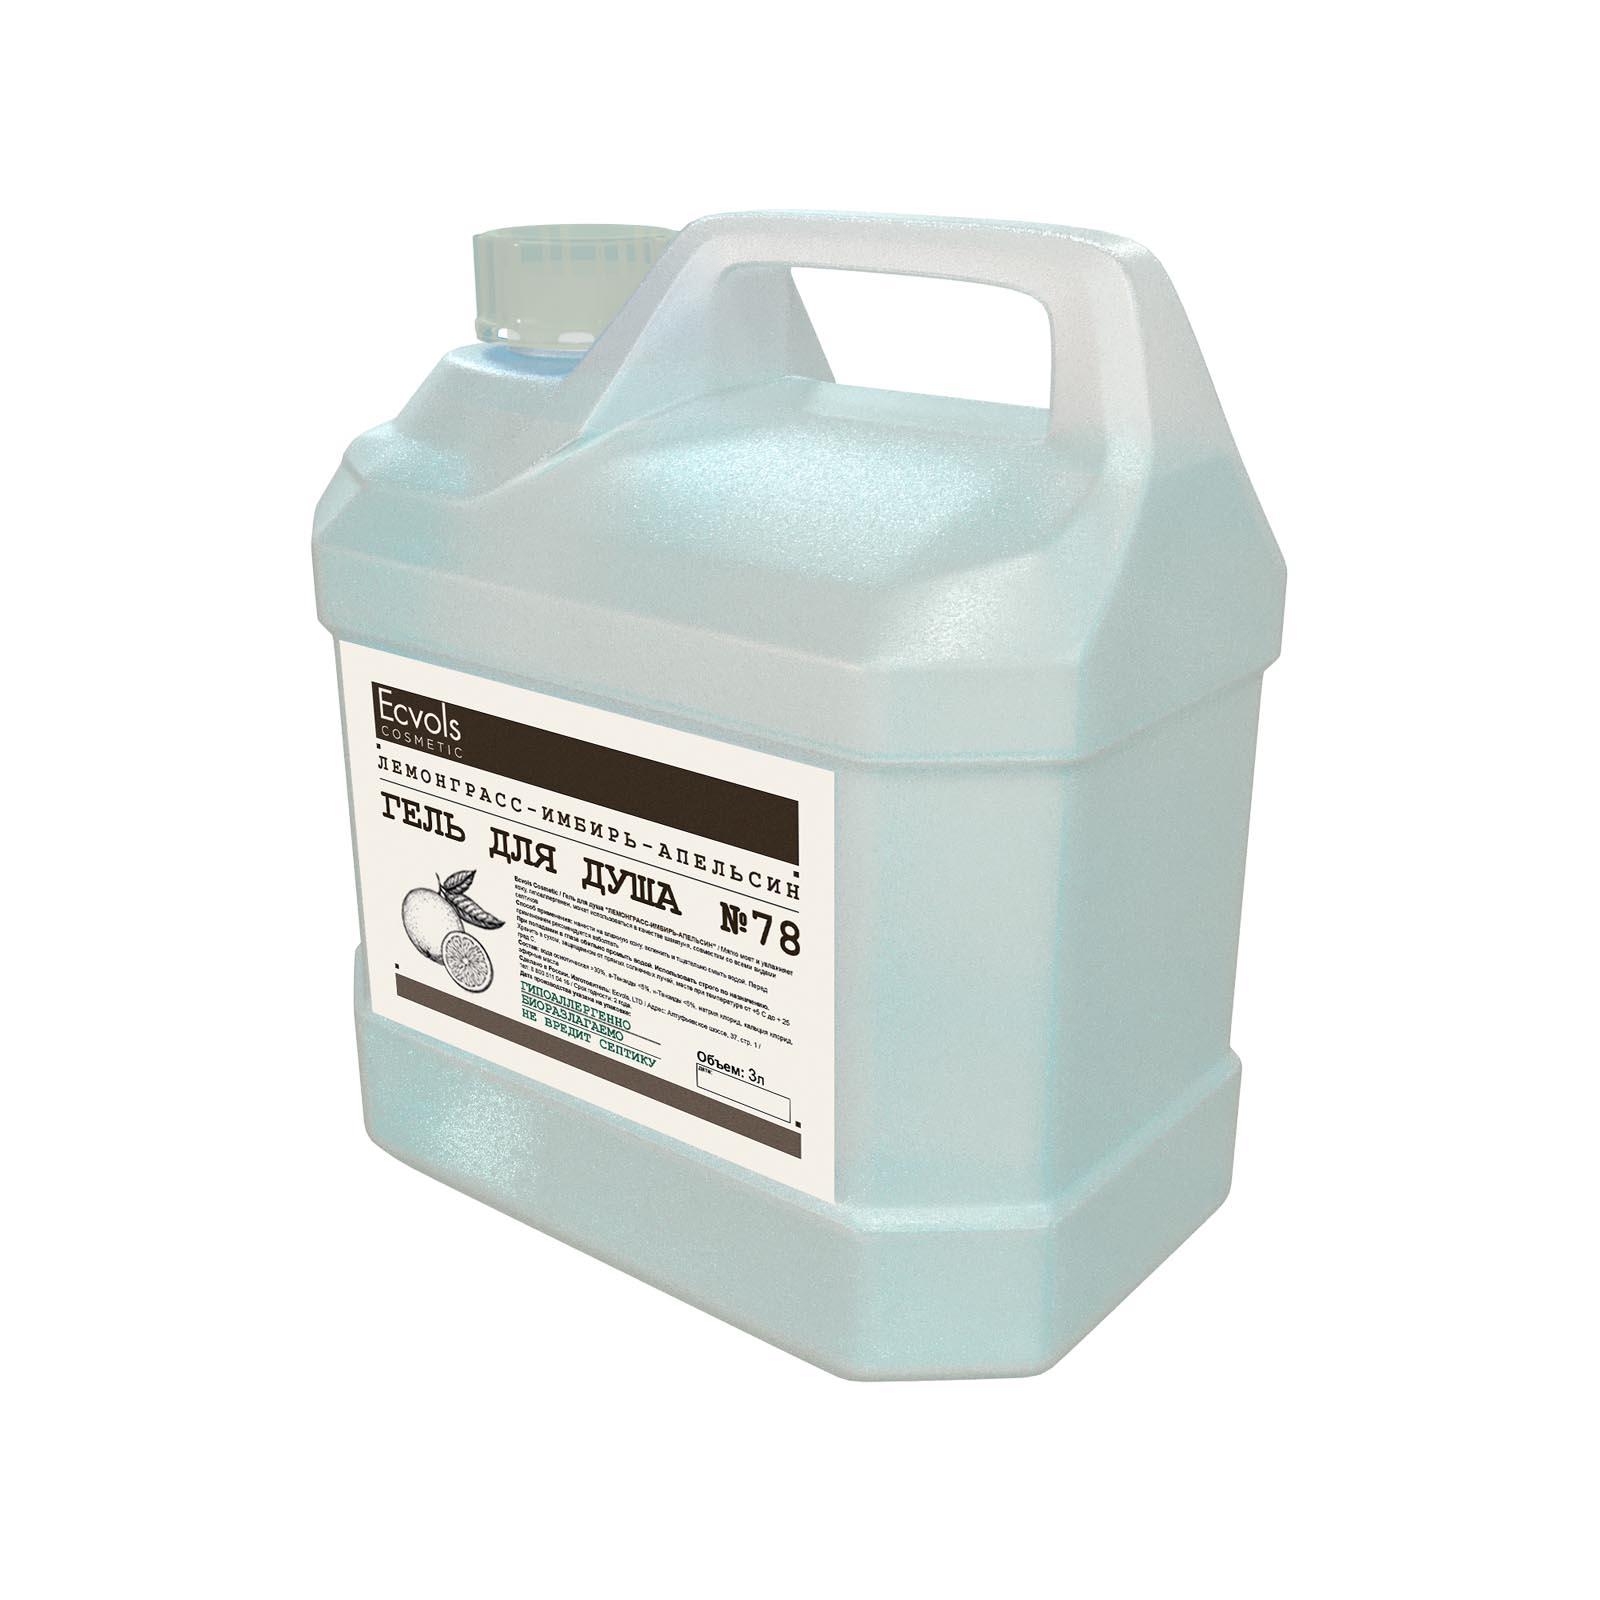 Купить Гель для душа Ecvols с запахом лемонграсса имбиря и апельсина с эффектом без слез 3 л